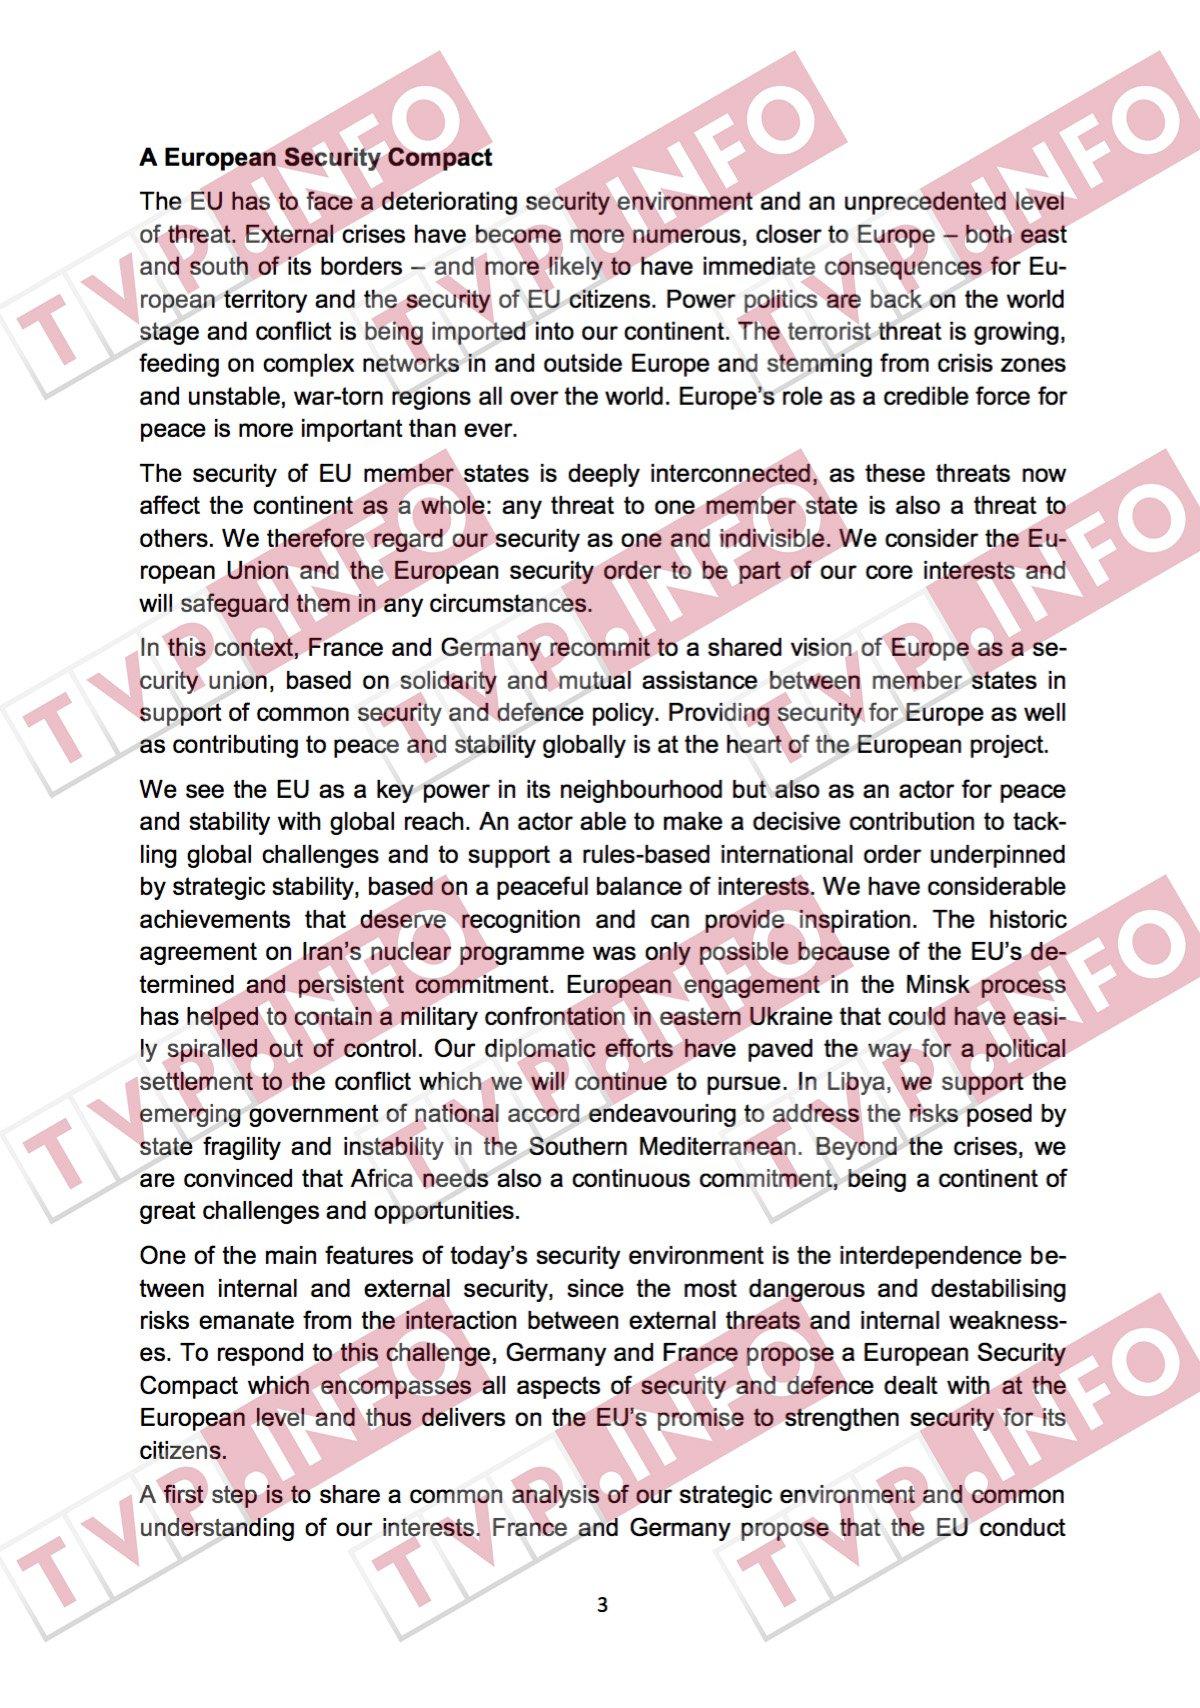 Geheimdokument-Europäischer-Superstaat-nimmt-Form-an-Kommentar-Oliver-Baron-GodmodeTrader.de-3